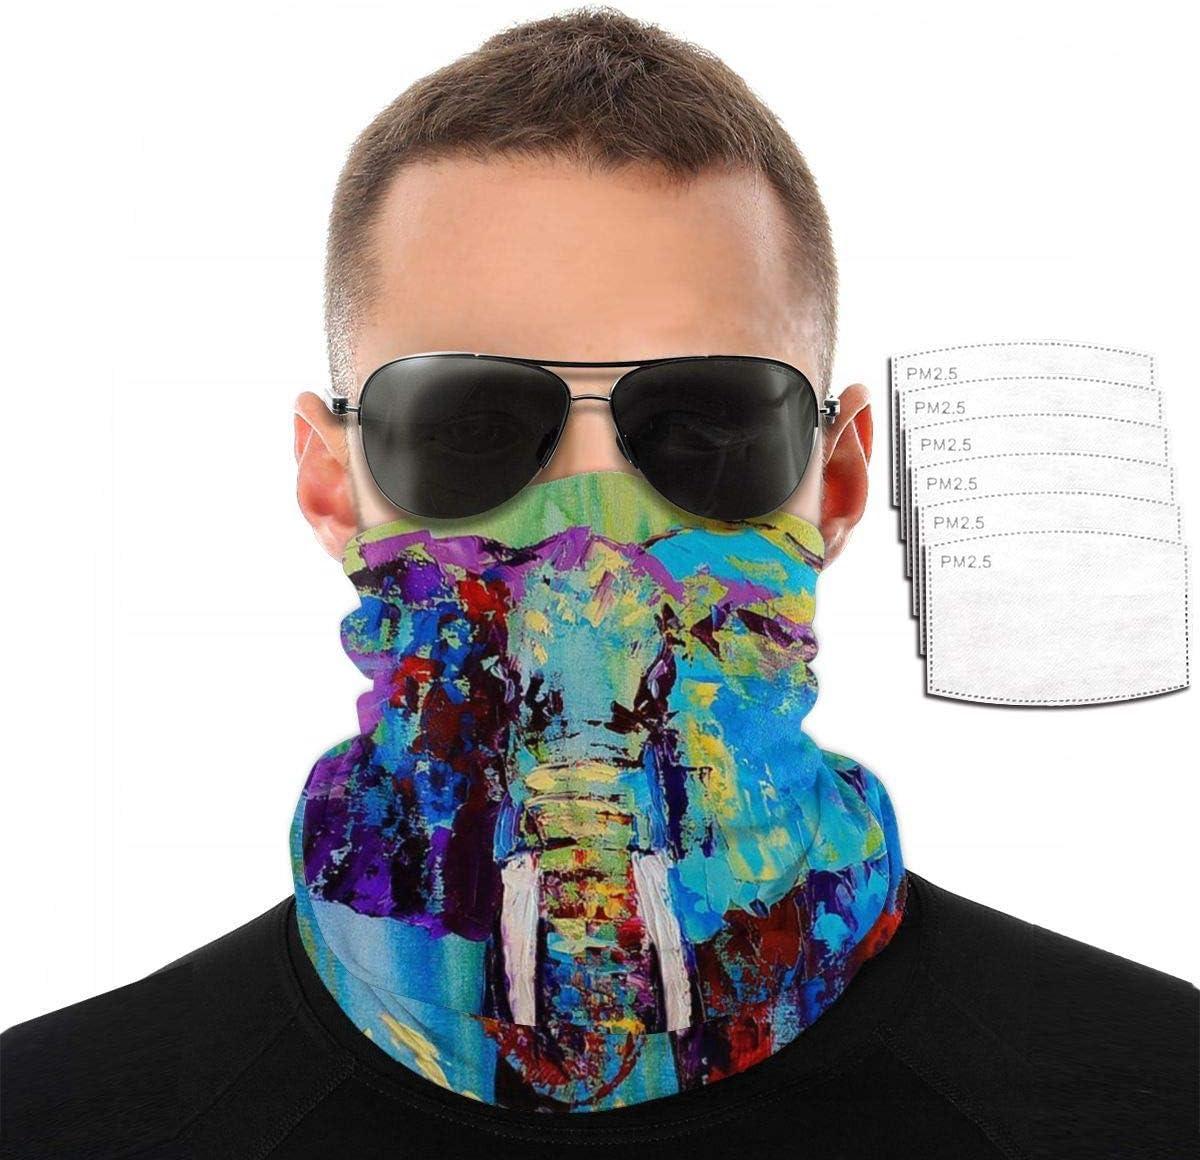 Mamihong Máscara Facial de Polaina de Cuello Unisex de Elefante Africano de Vida Silvestre con 6 filtros, pasamontañas de protección UV, Bufanda de Bandana a Prueba de Polvo